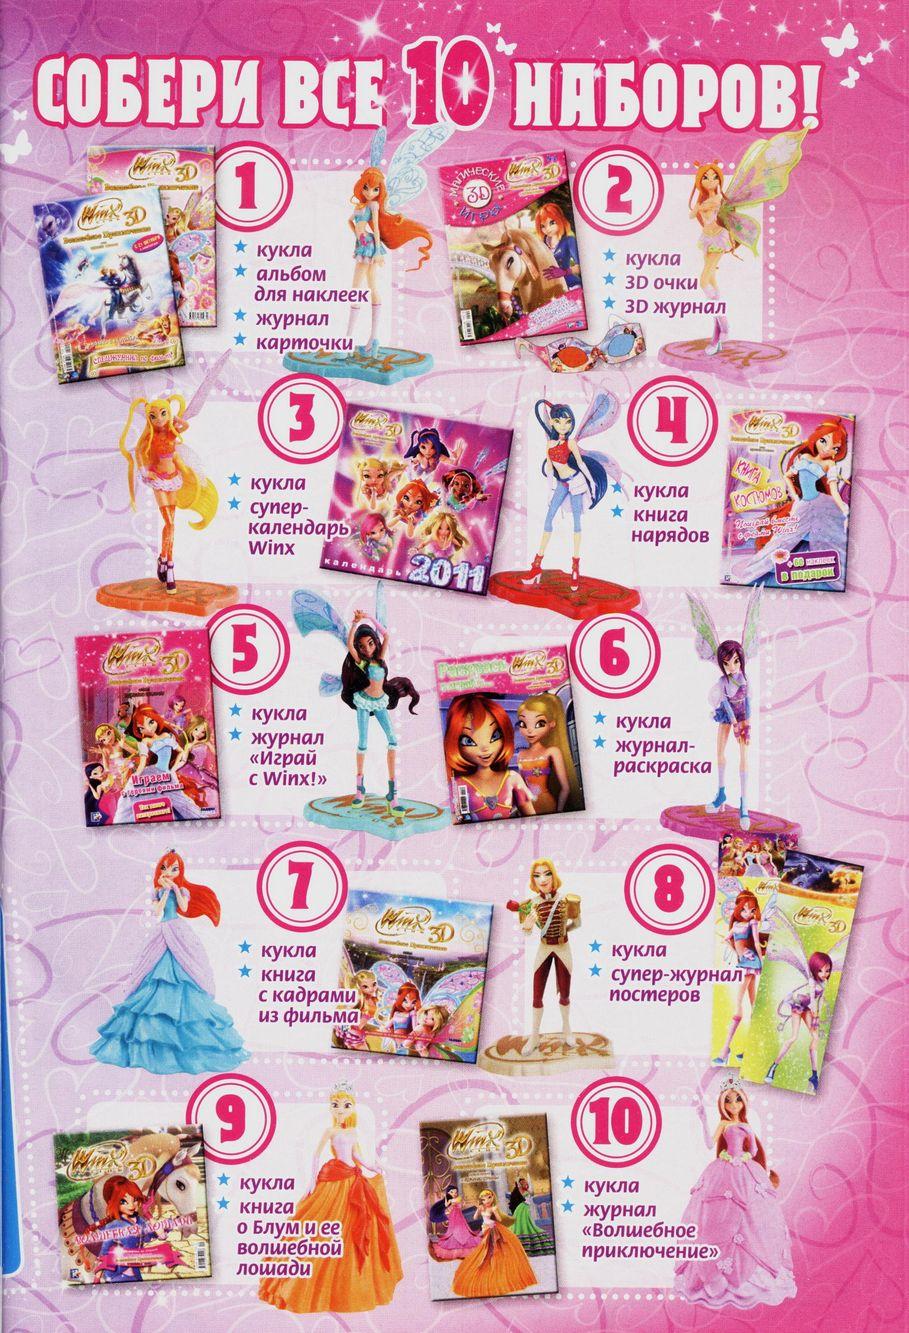 Комикс Винкс Winx - Надежда и разочарование (Журнал Винкс №5 2011) - стр. 3